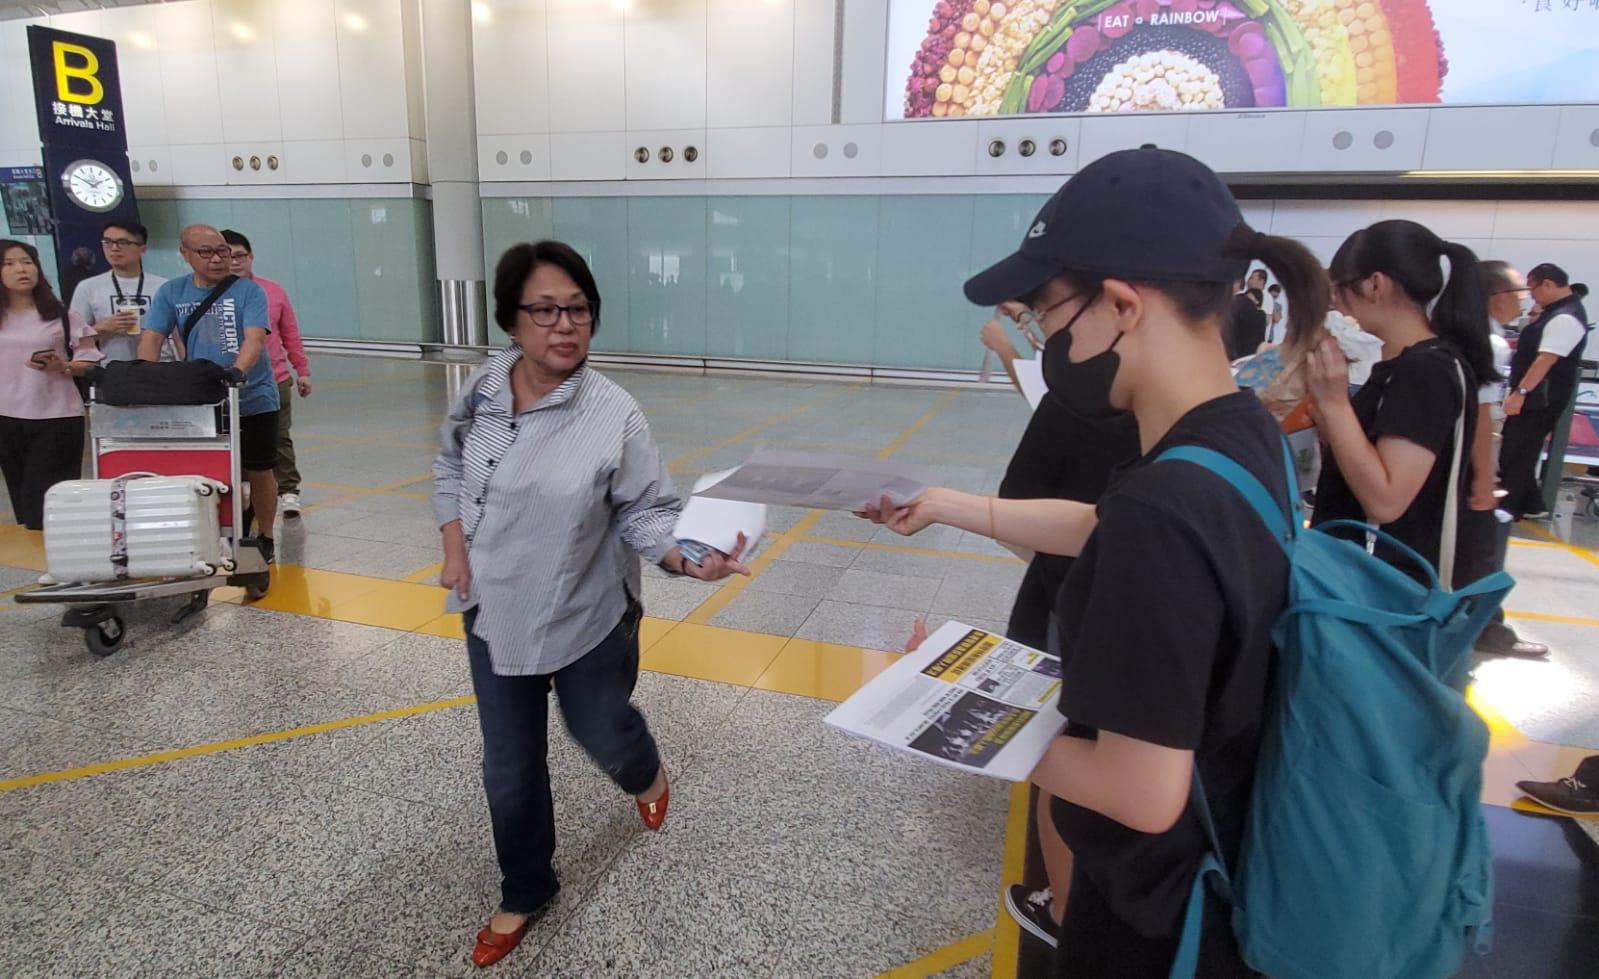 集會人士向遊客派發傳單。